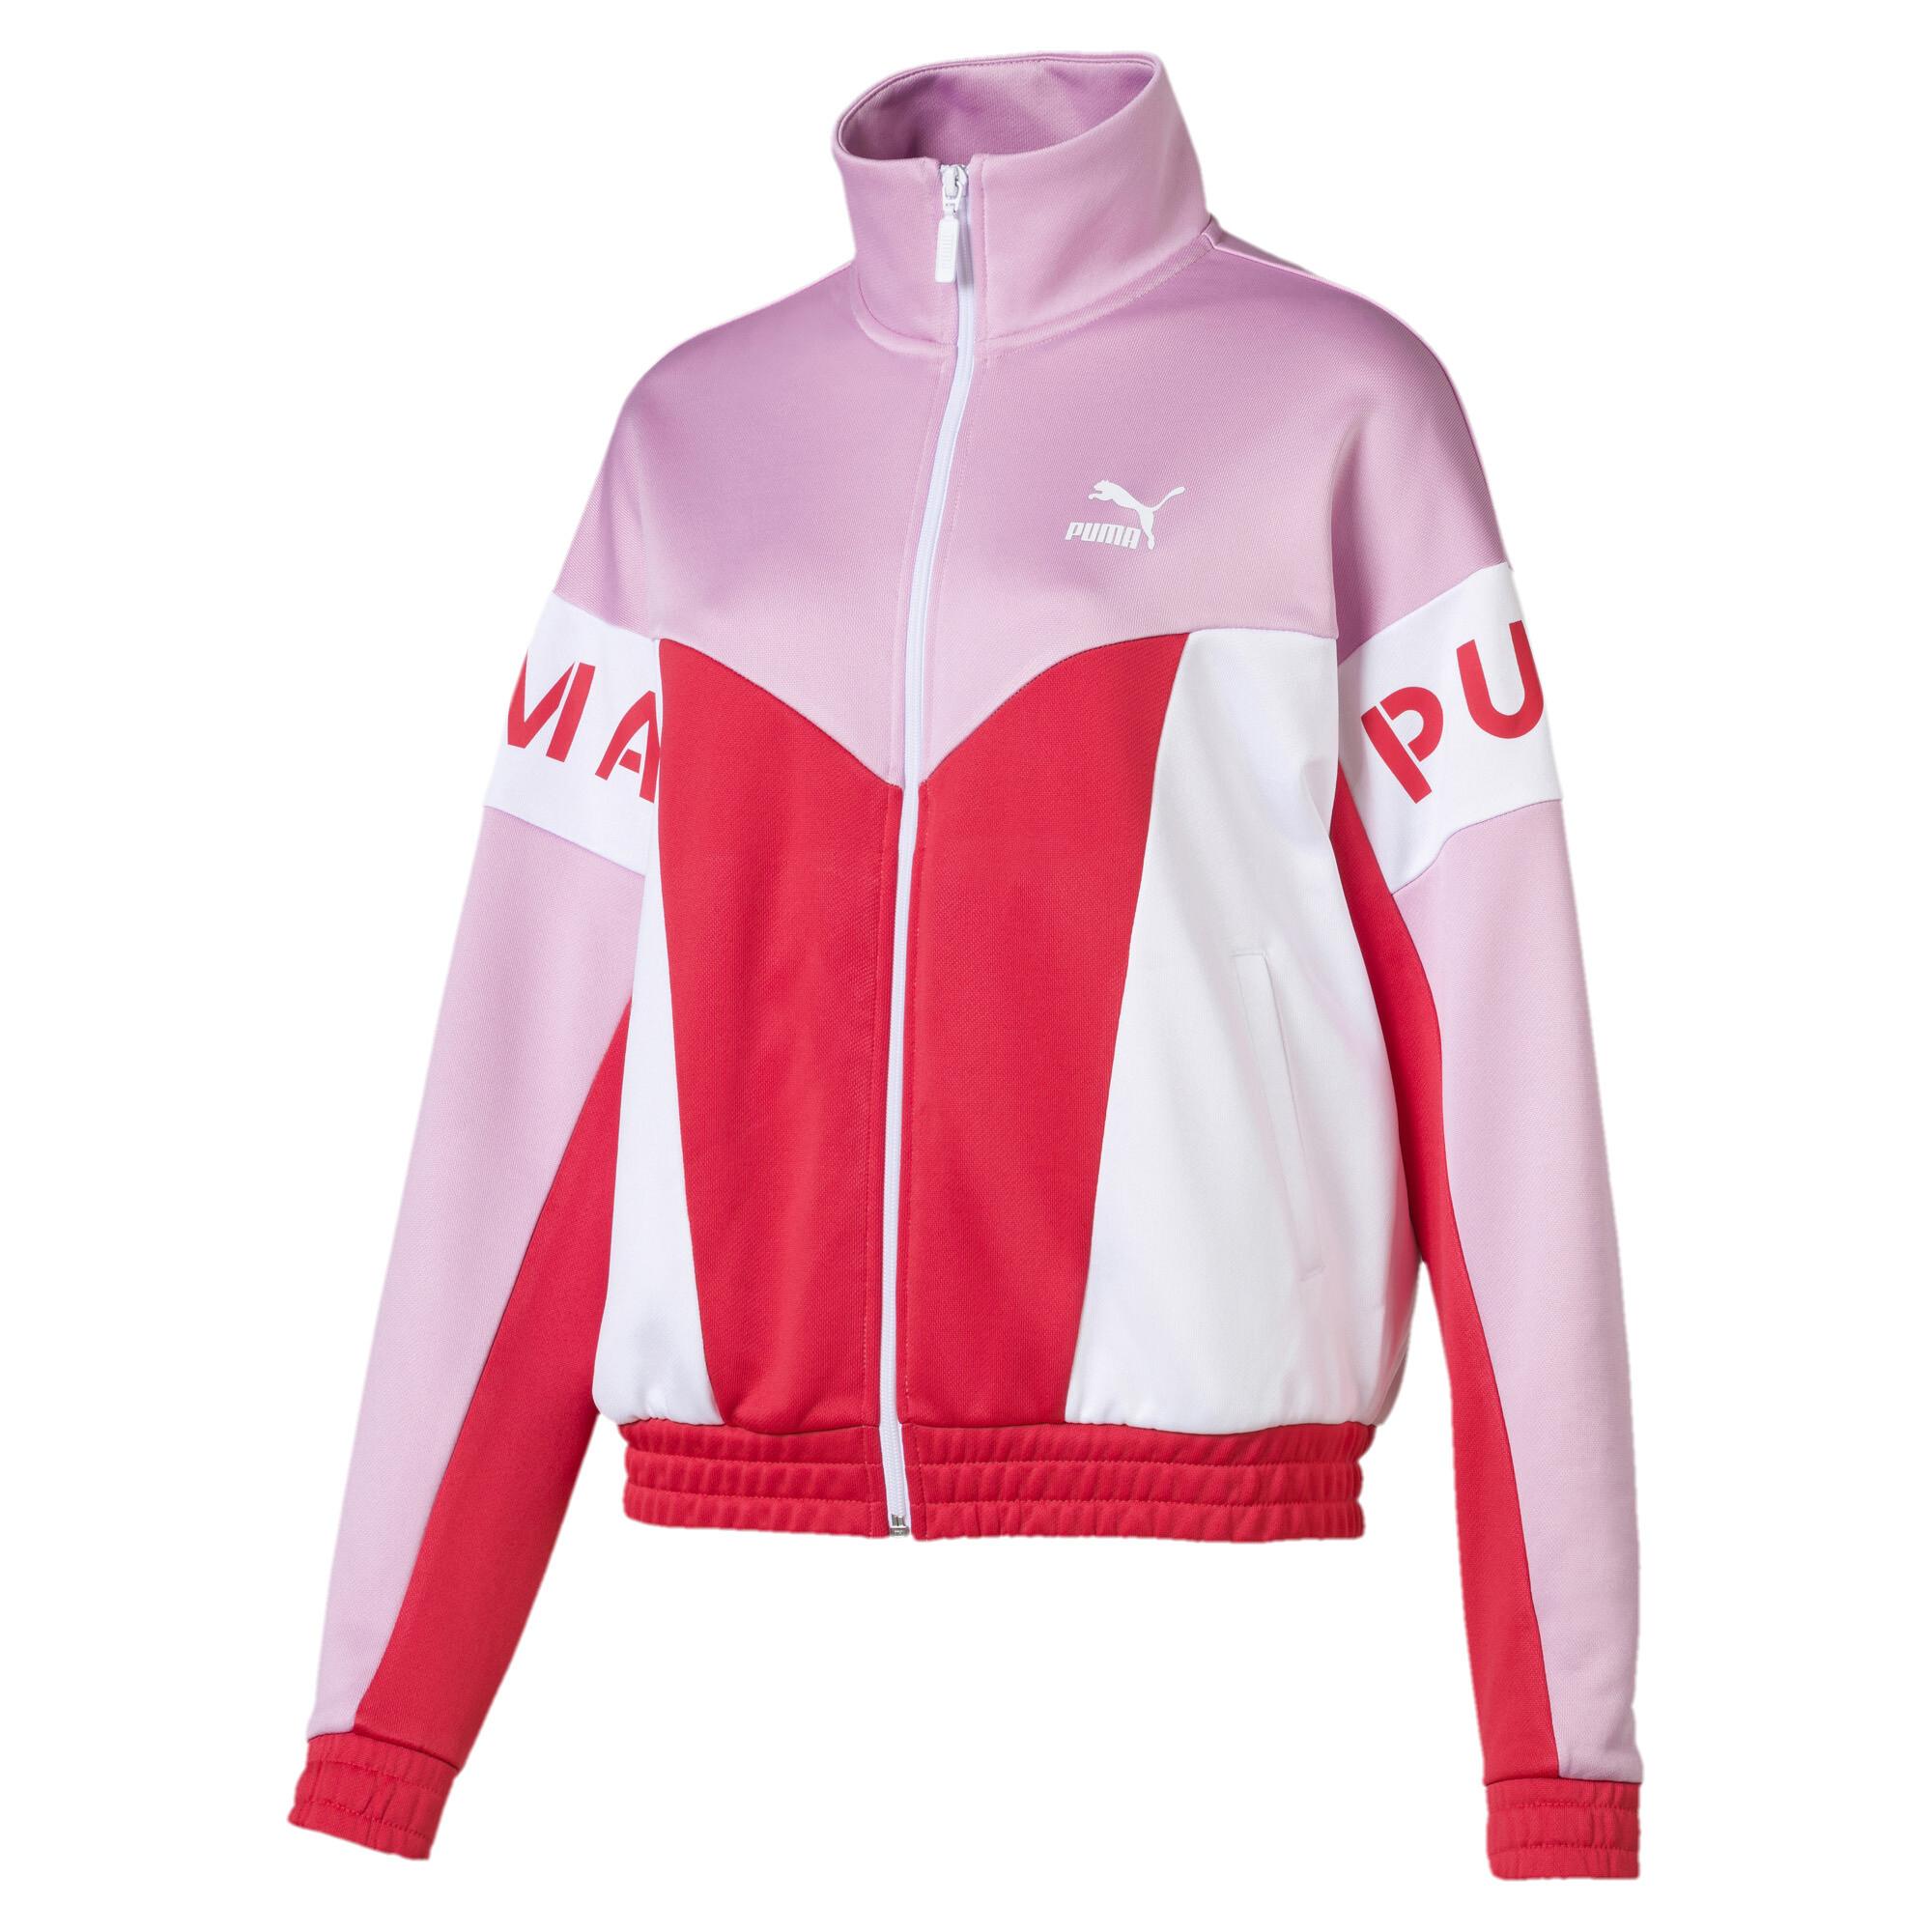 Image Puma XTG 94 Women's Track Jacket #4